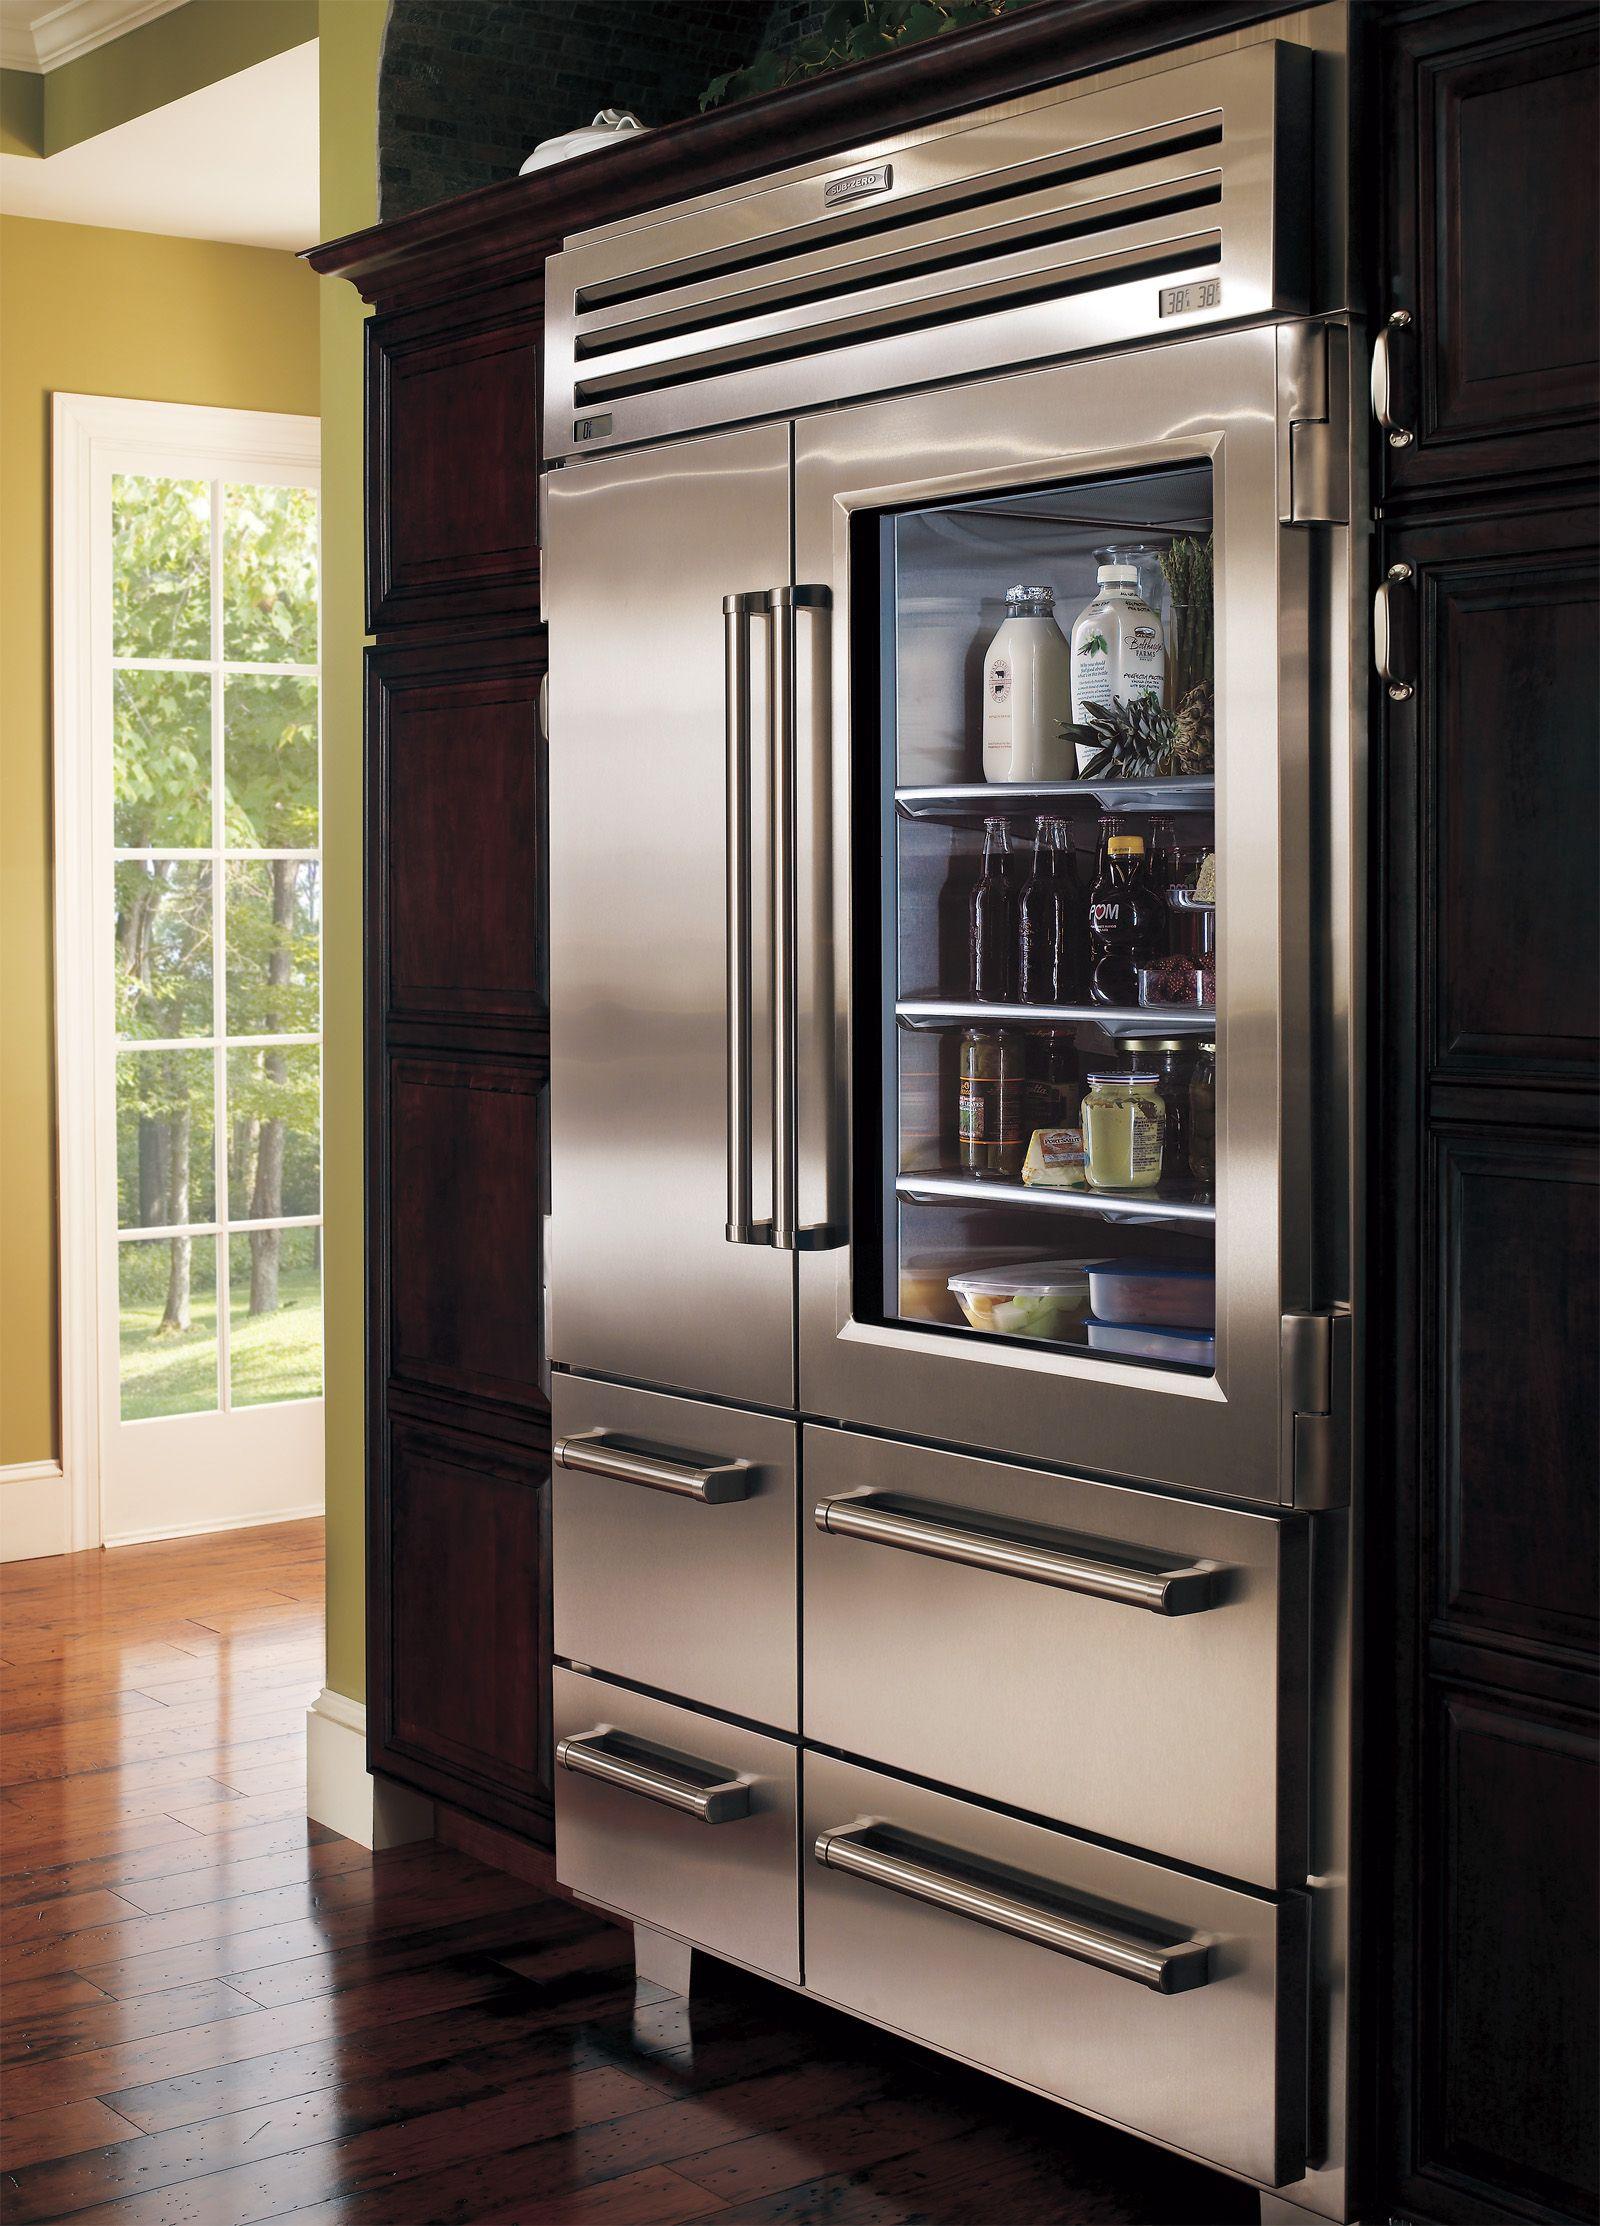 Appliances For My Dream Kitchen